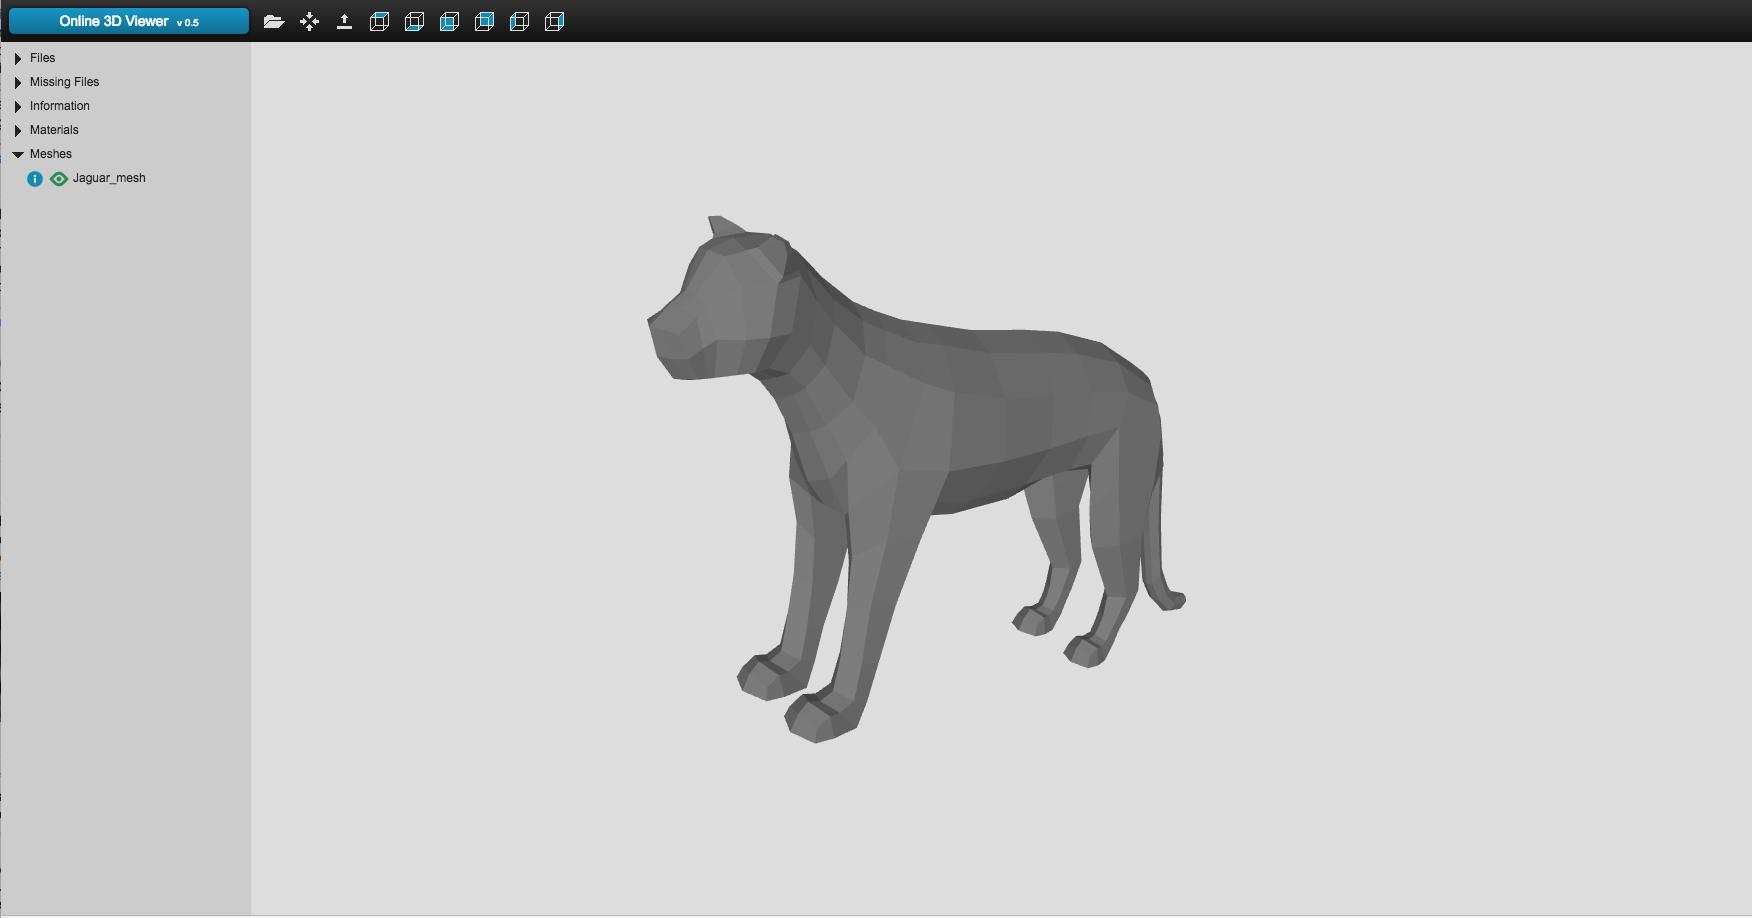 Online 3D Viewer: visualisez vos fichiers 3D dans votre navigateur